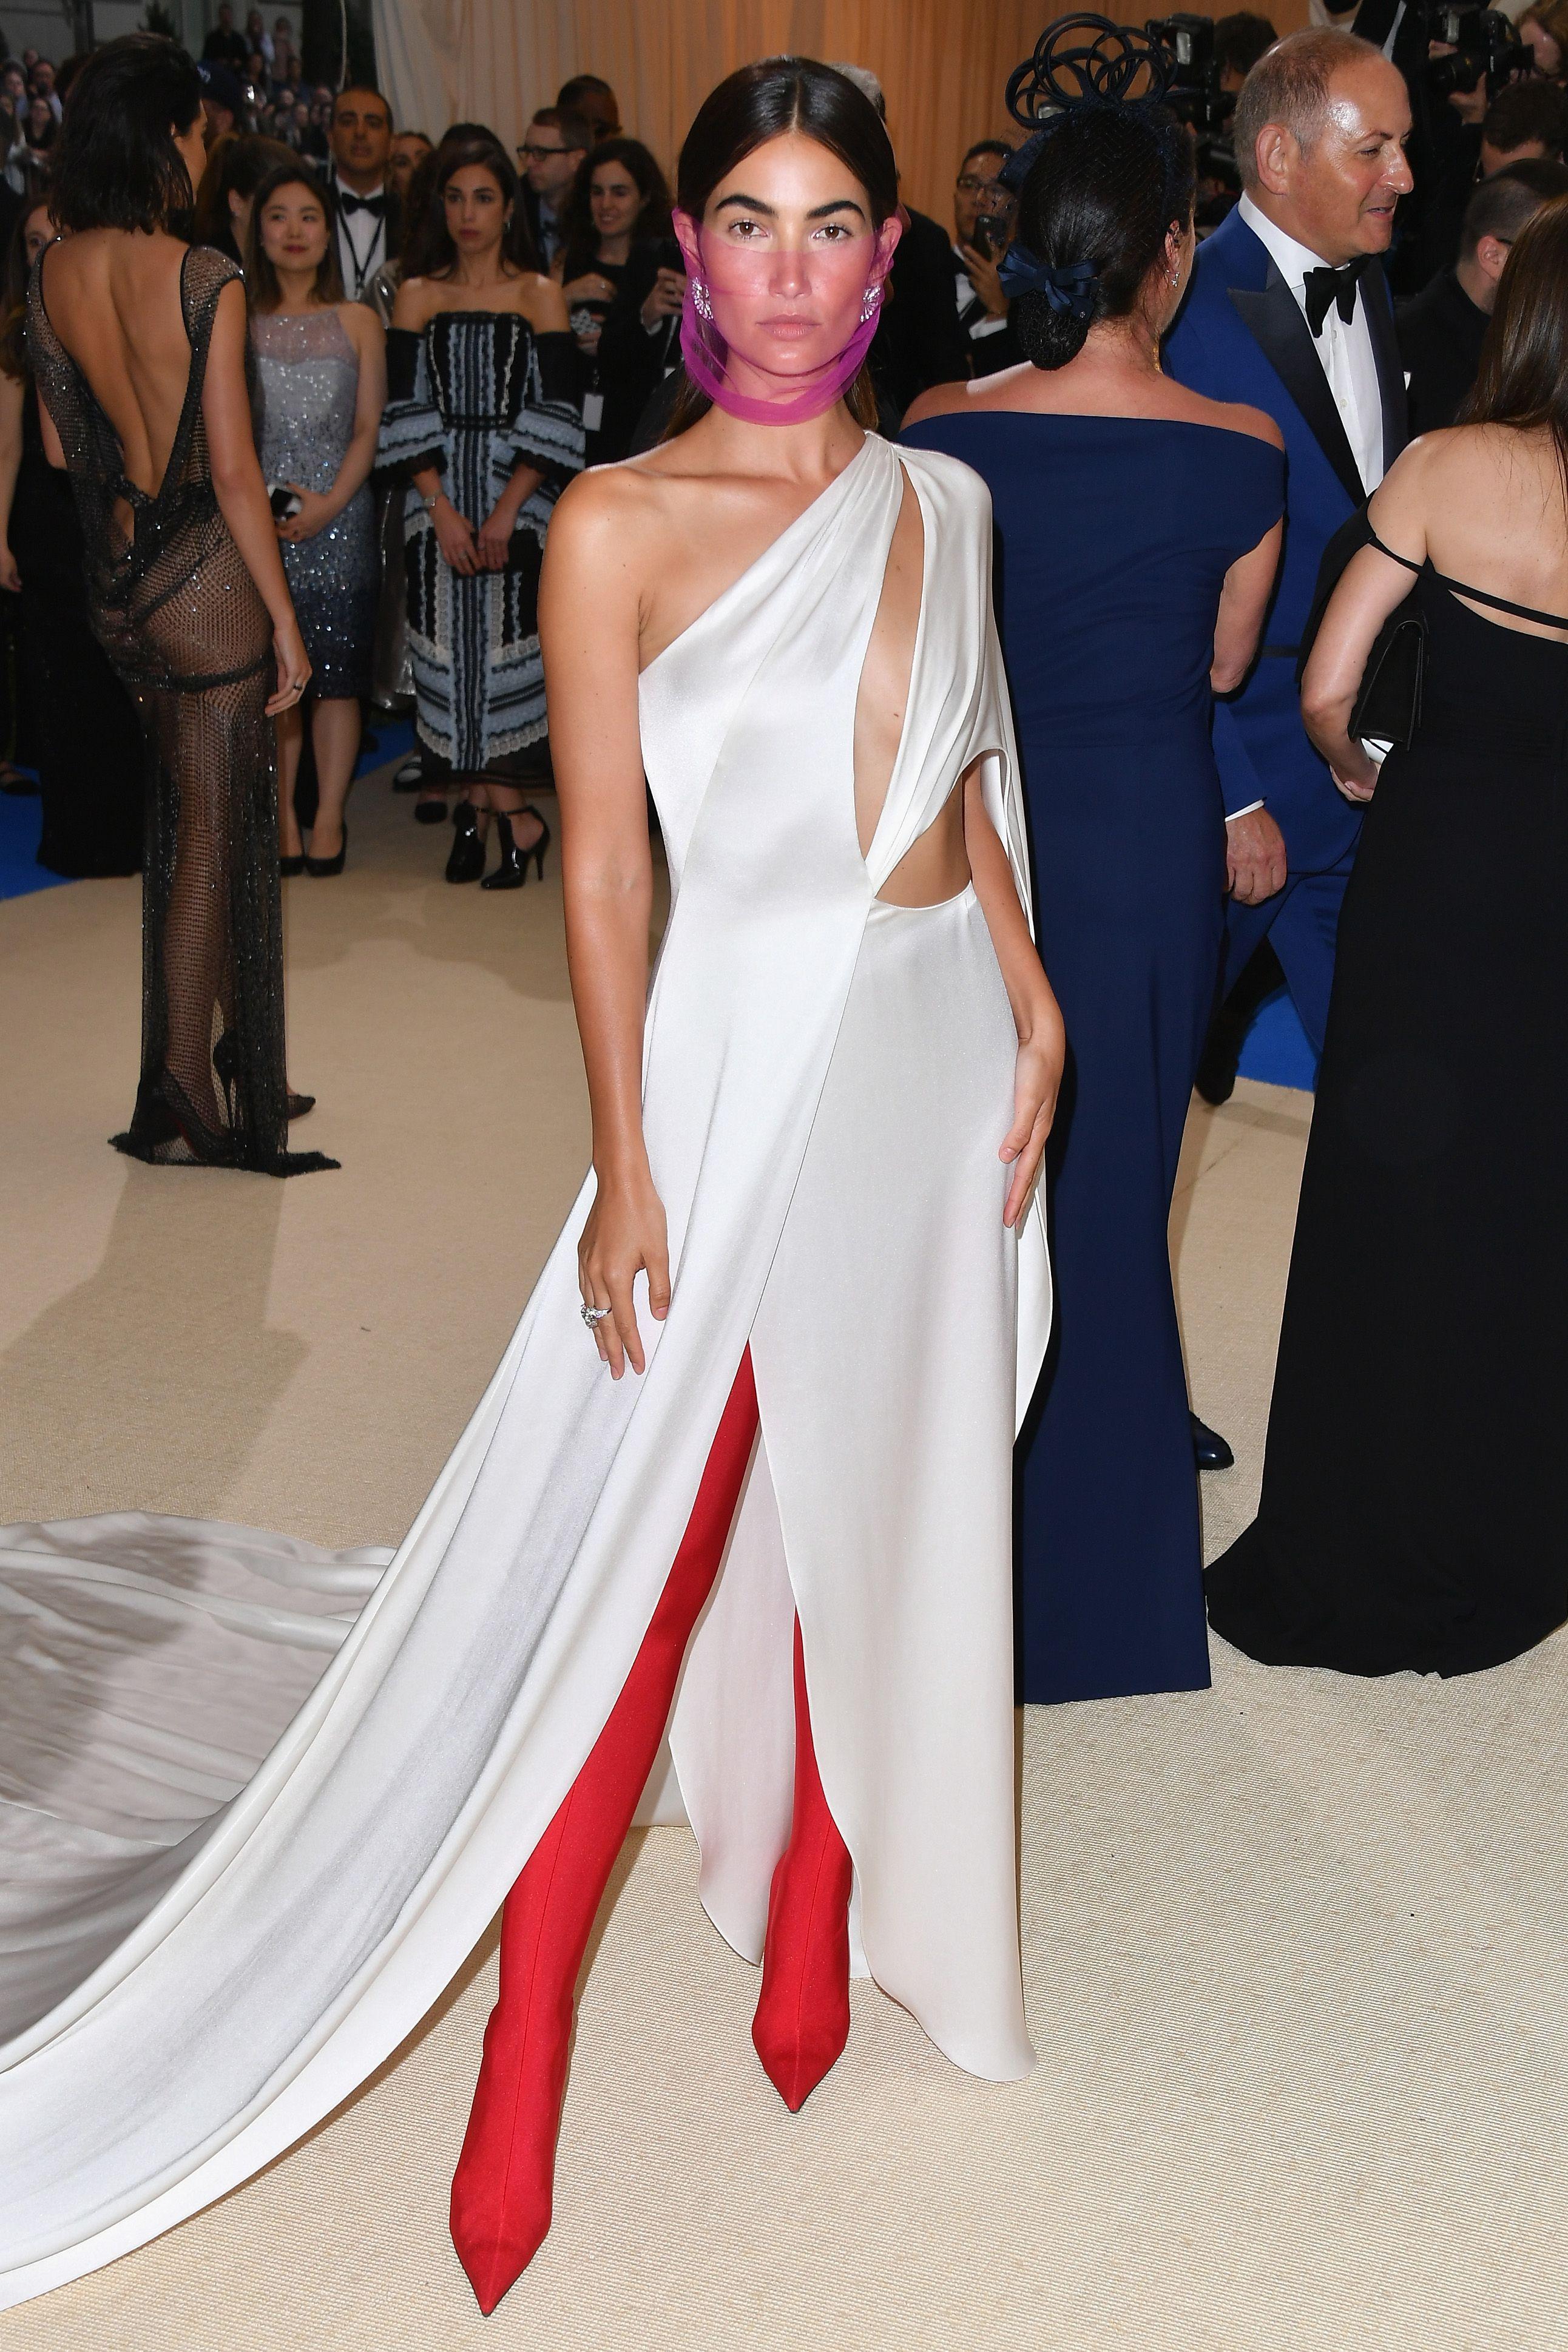 Met gala 2018 dresses styles